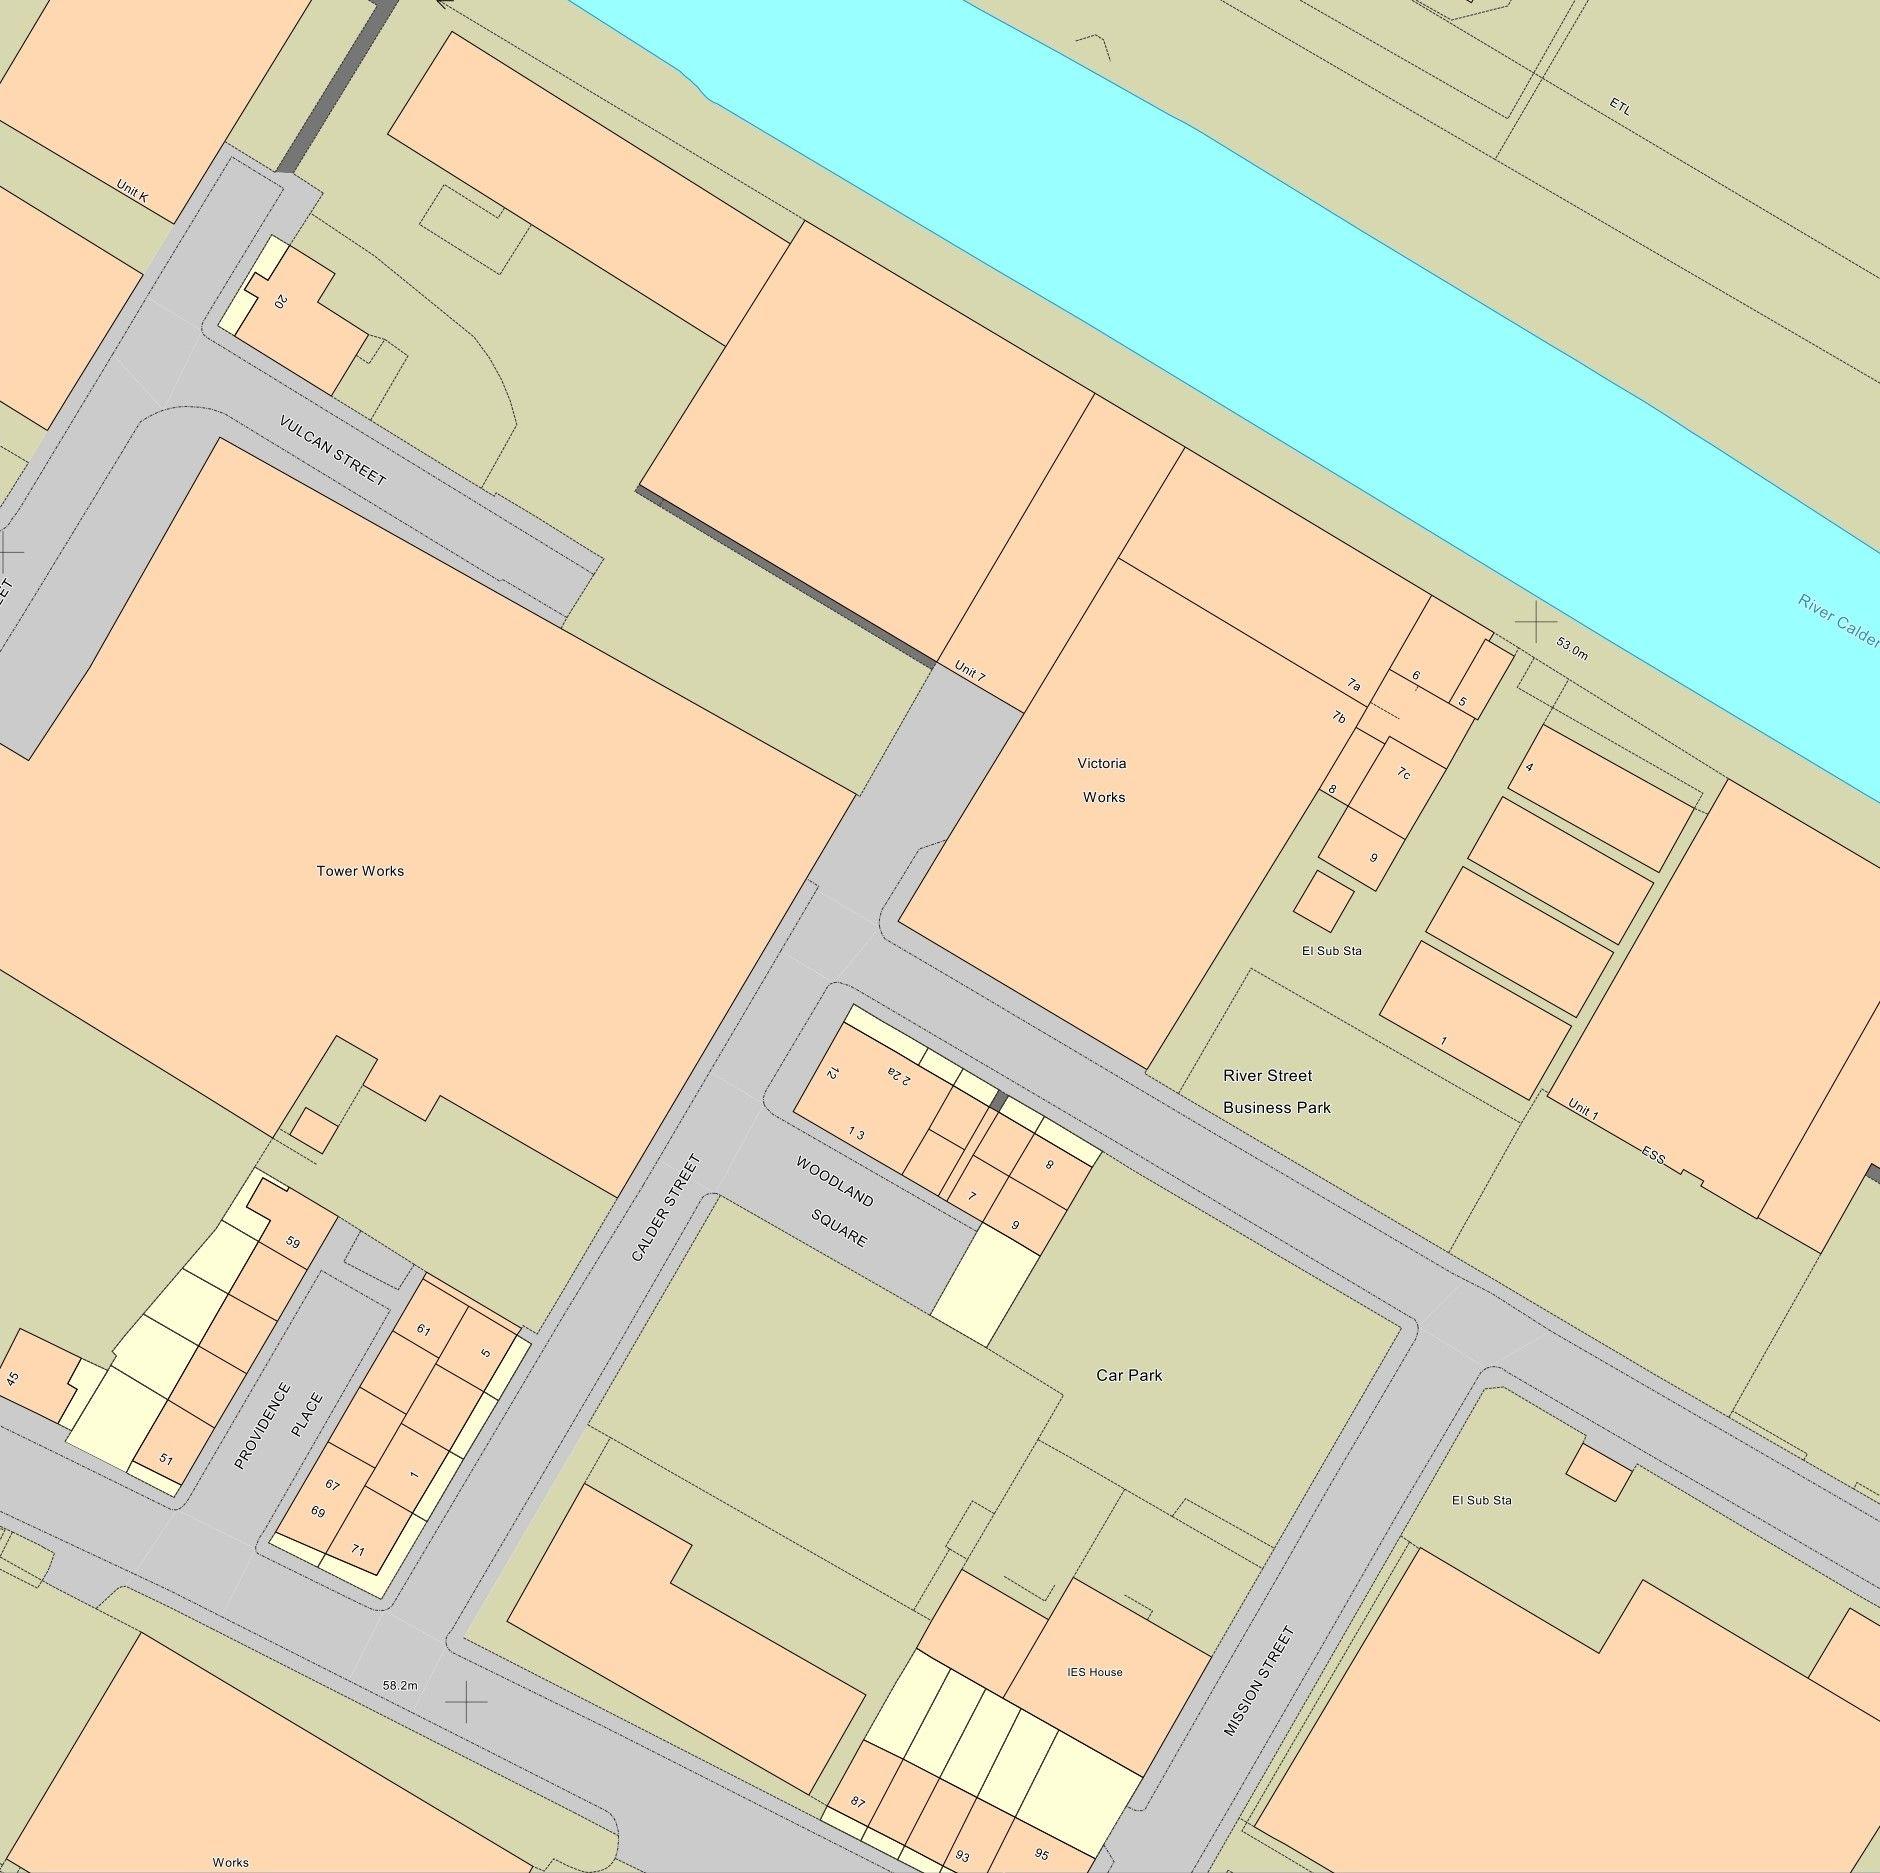 Land To Rent - Floorplan 1